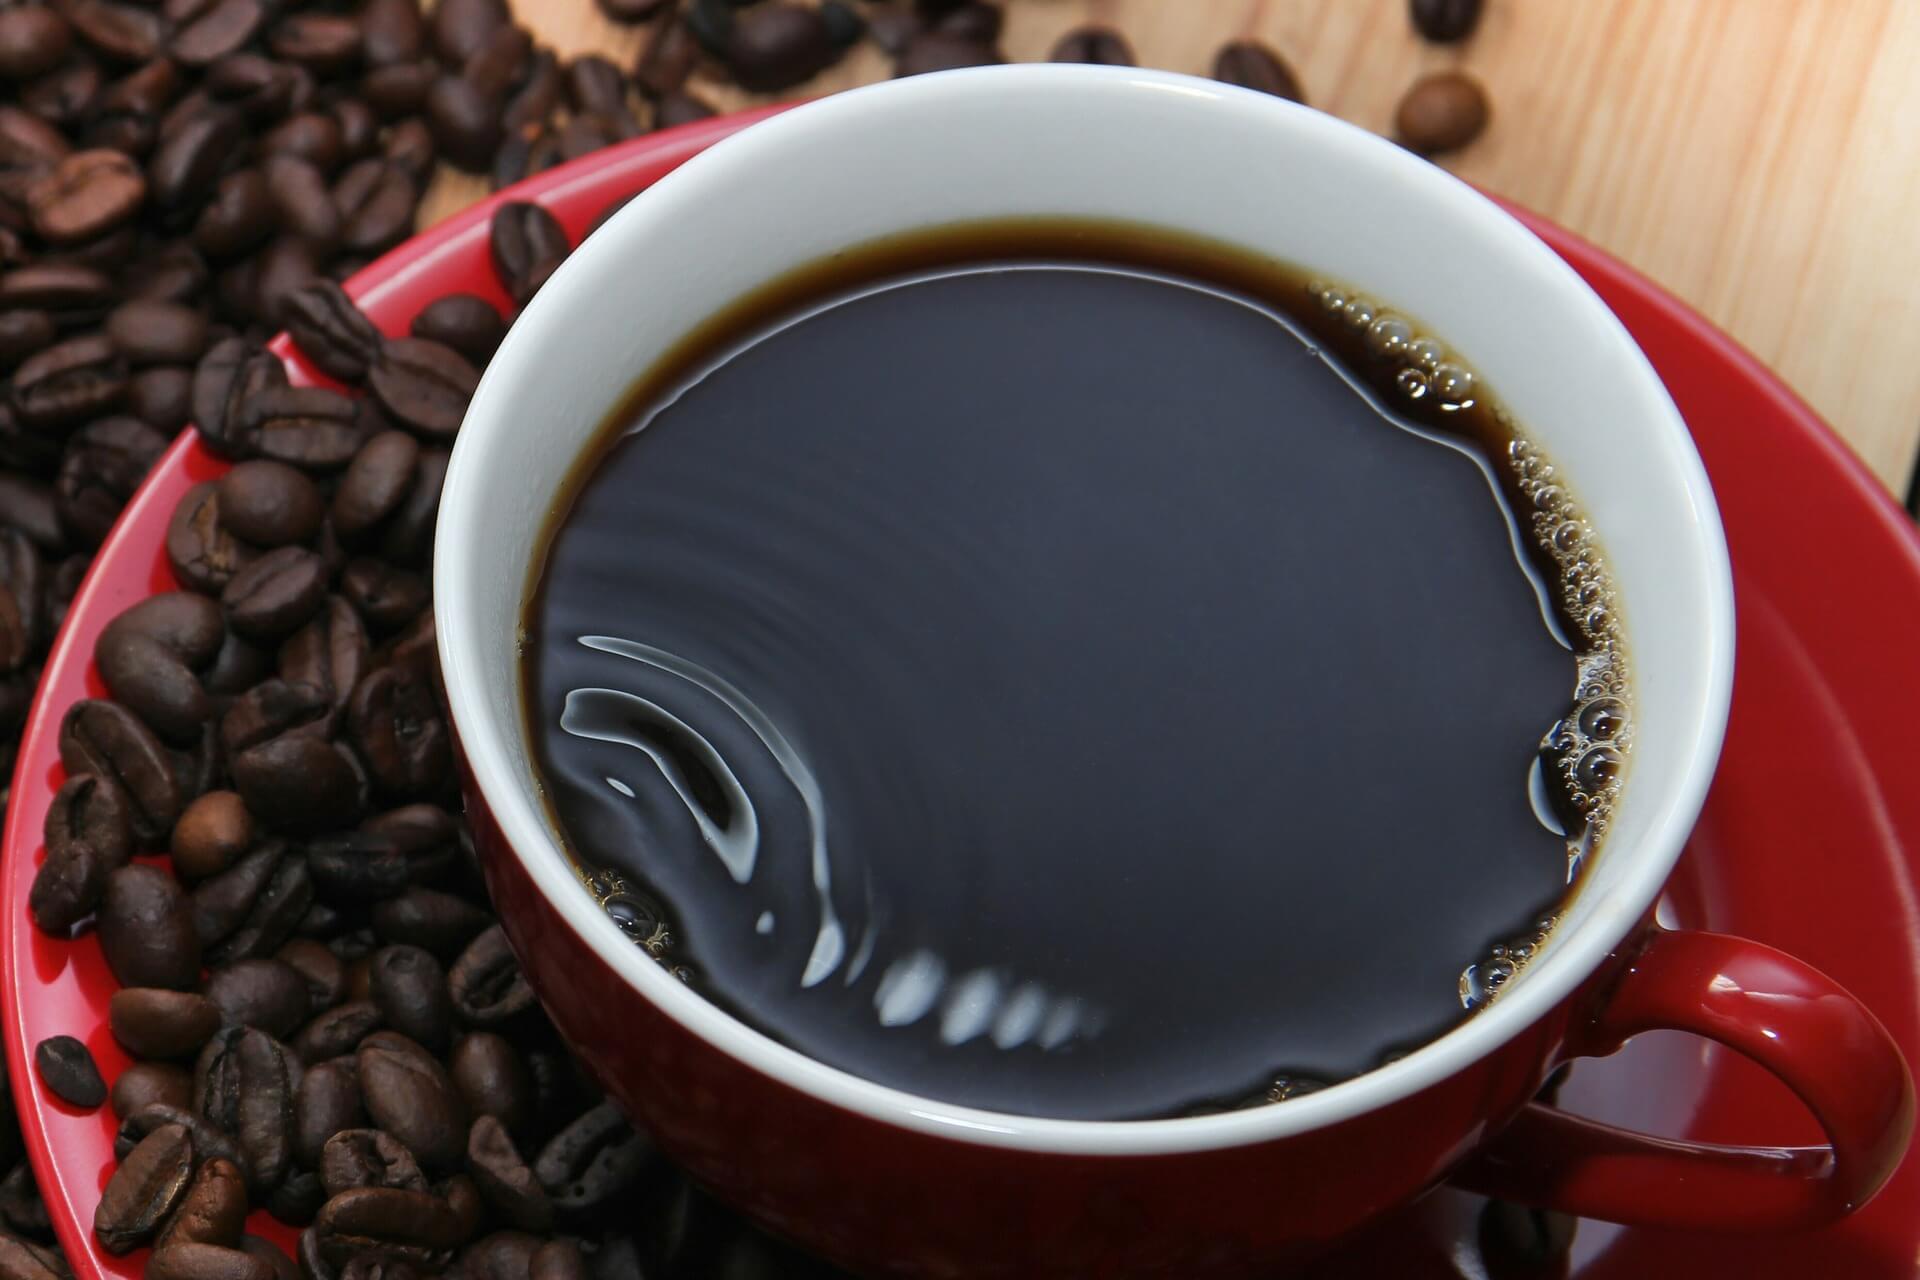 Россияне за время пандемии привыкли к кофе? Продажи за год выросли на 20%